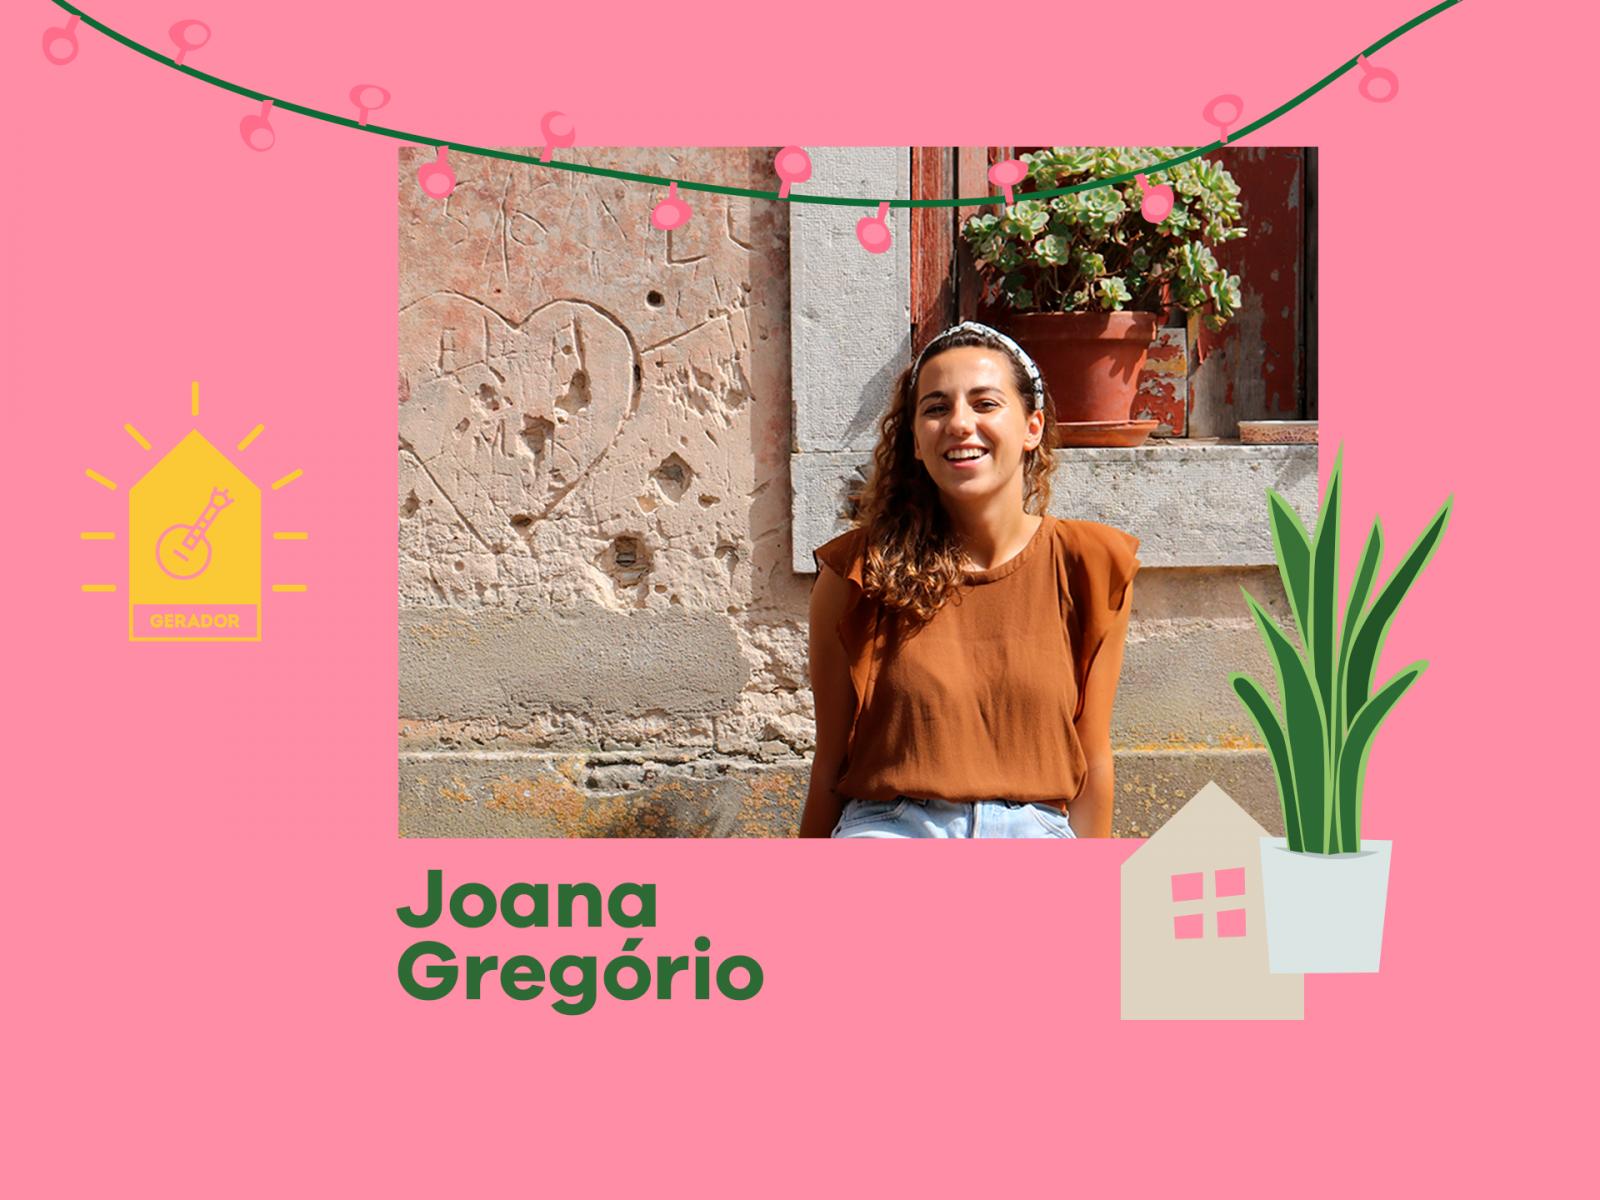 gerador-sugestoes-residentes-joana-gregorio